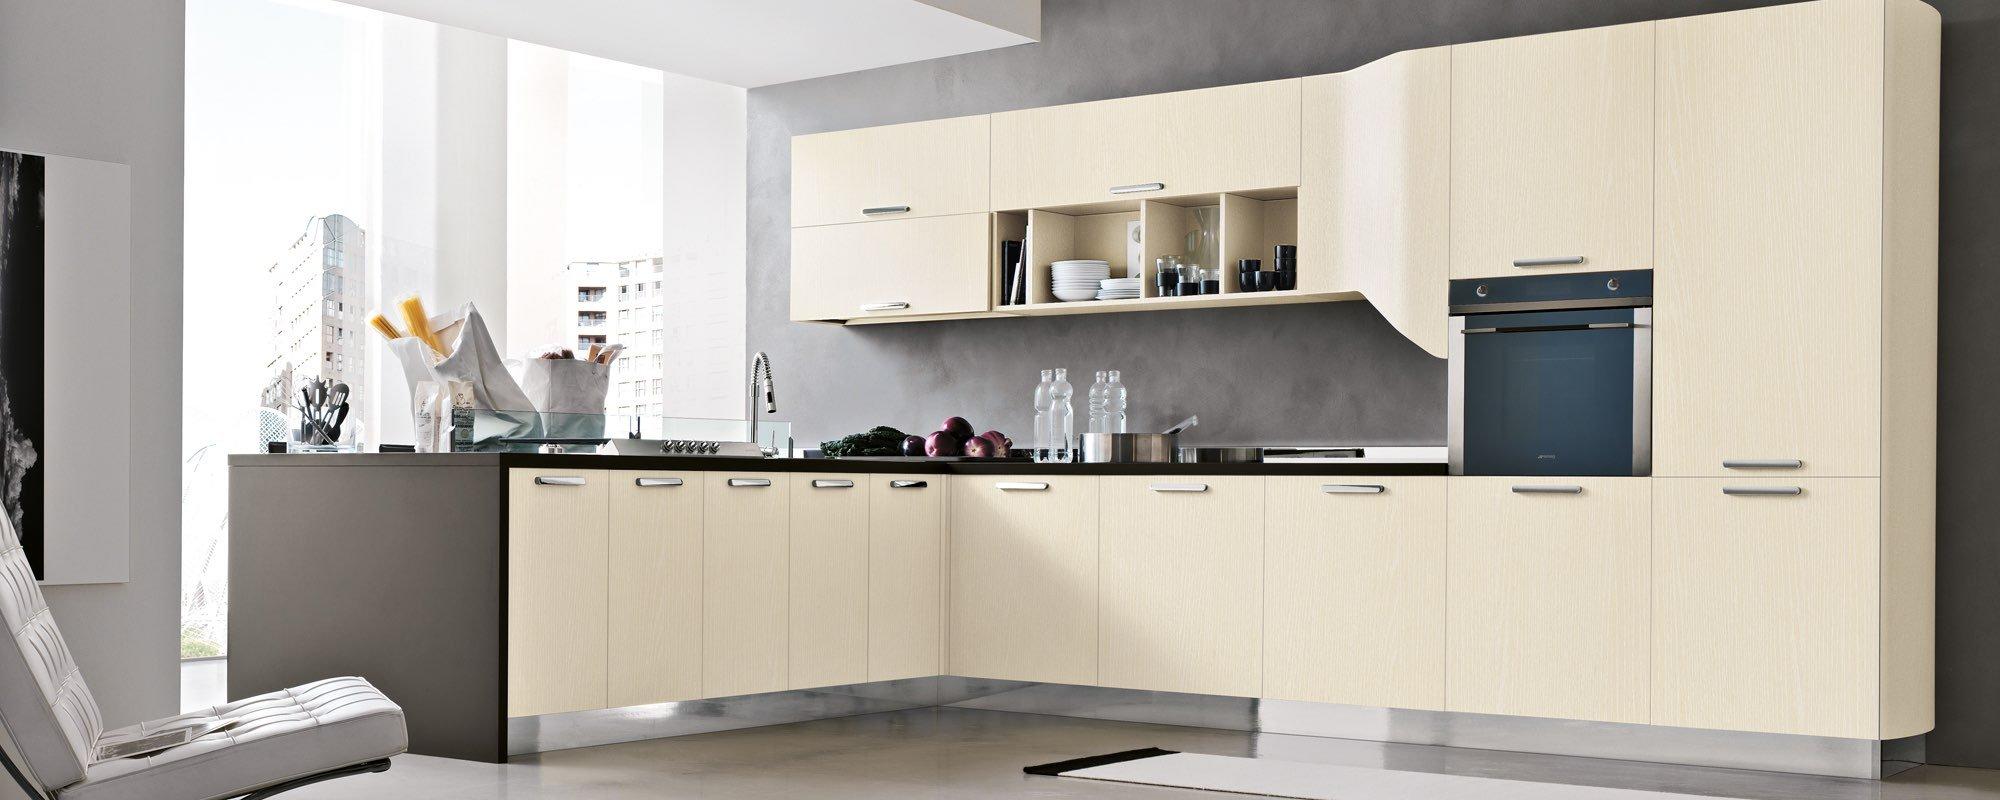 vista angolare di una cucina moderna color crema con piani di lavoro neri, forno incassato -Milly